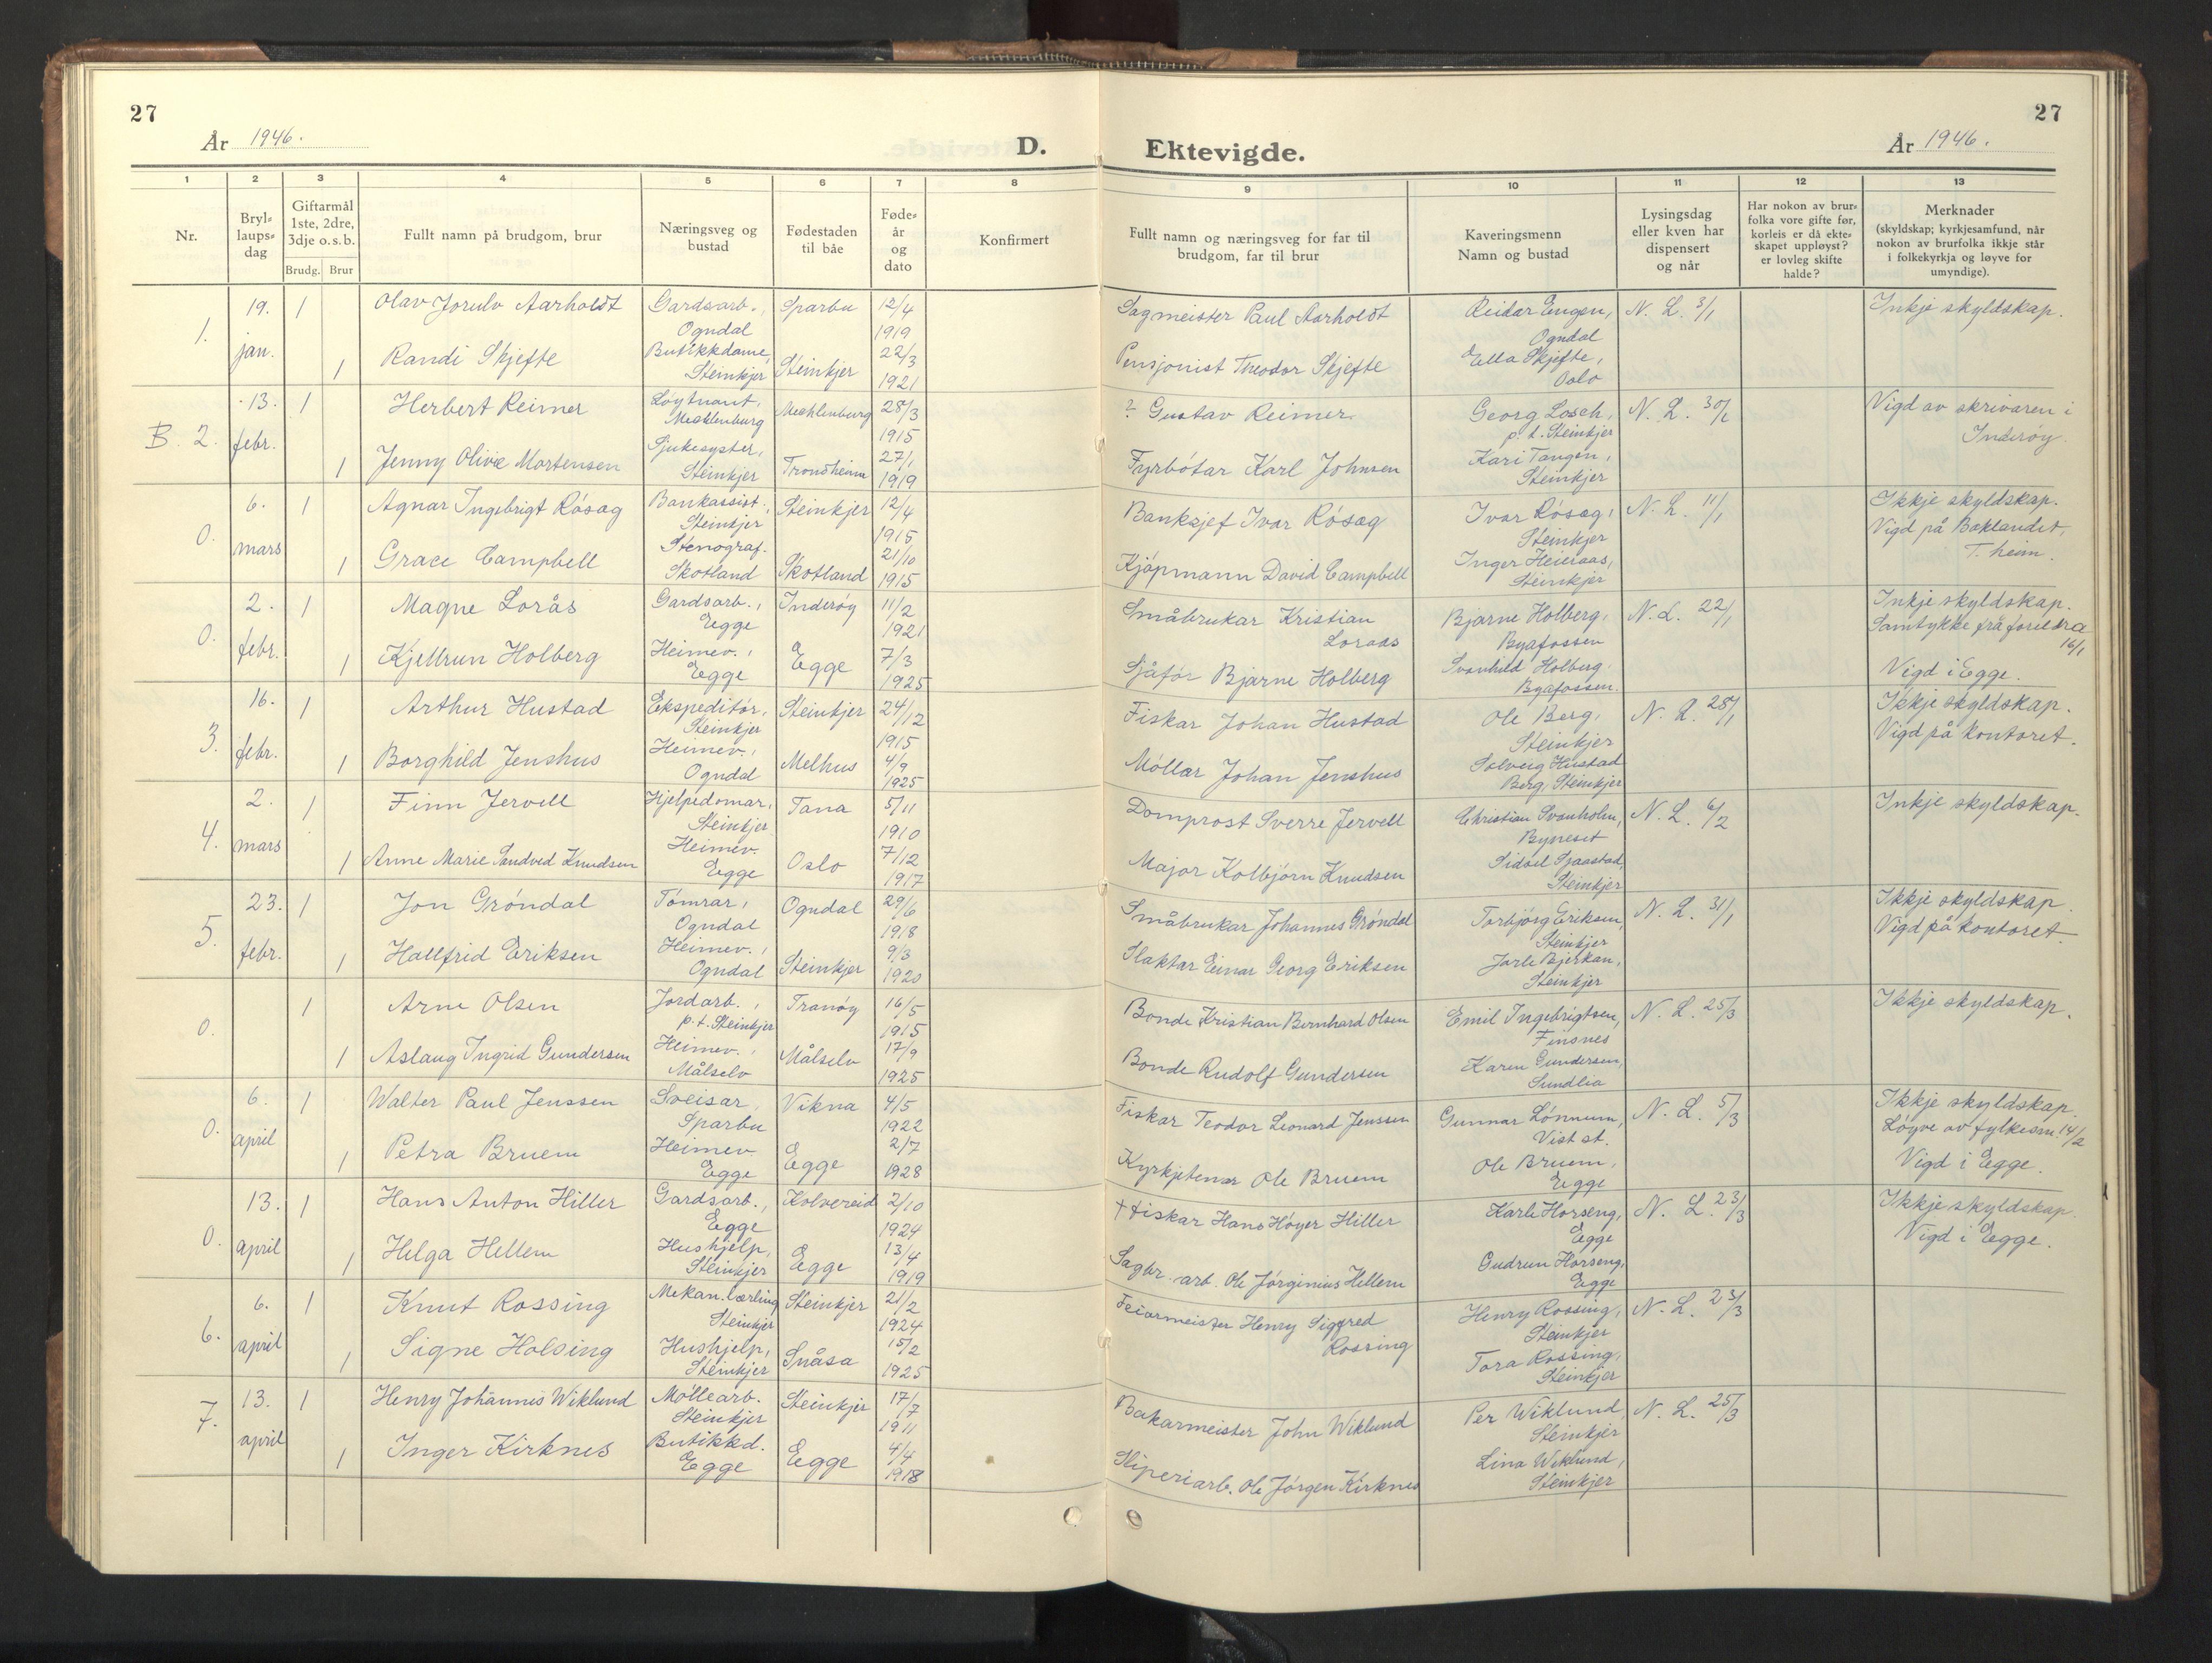 SAT, Ministerialprotokoller, klokkerbøker og fødselsregistre - Nord-Trøndelag, 739/L0377: Klokkerbok nr. 739C05, 1940-1947, s. 27